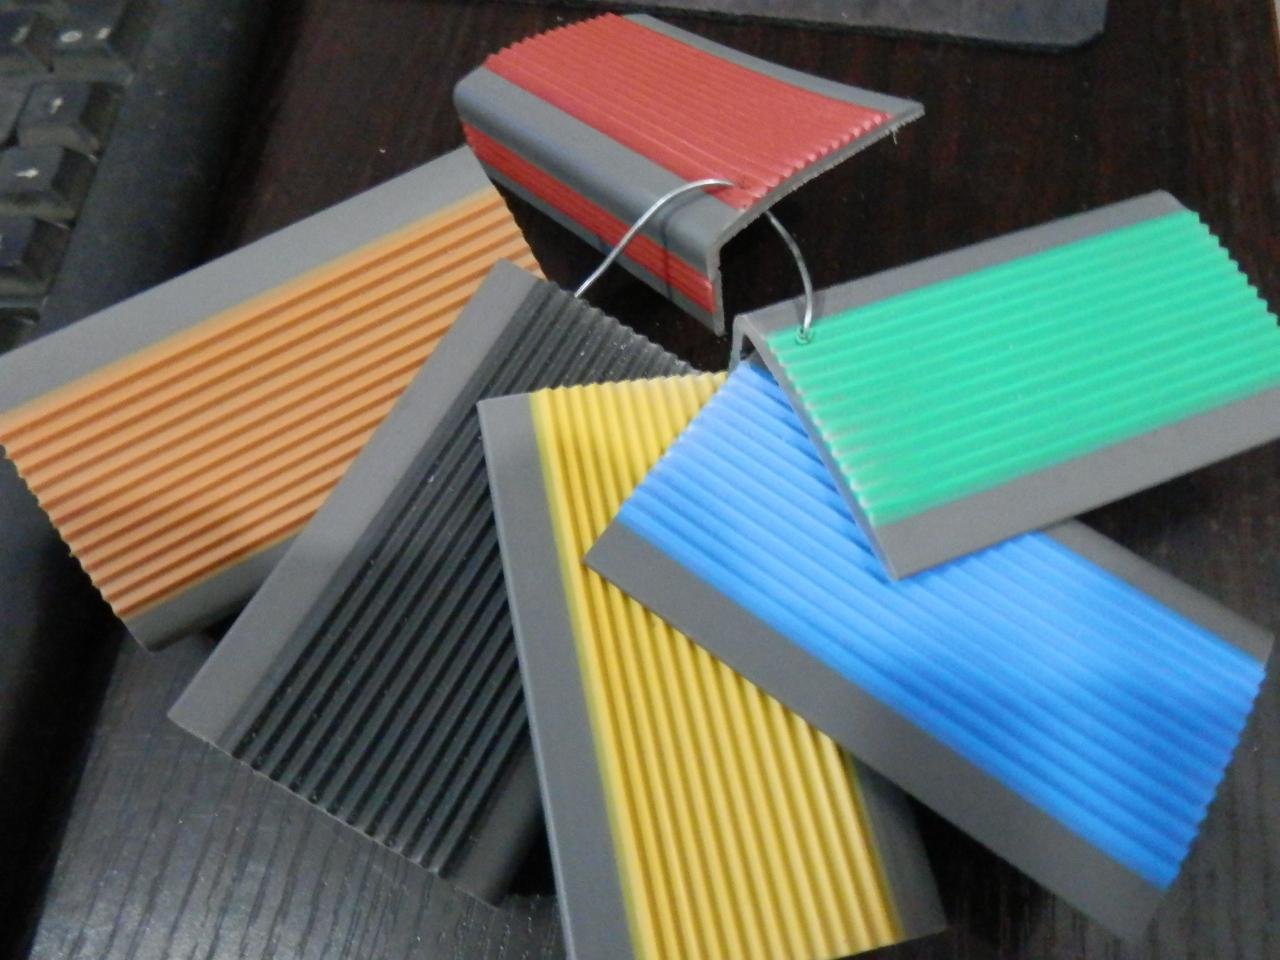 纯皮包角 楼梯pvc彩色防滑止滑踏步条护角 塑胶包角直角装饰扣条商品图片